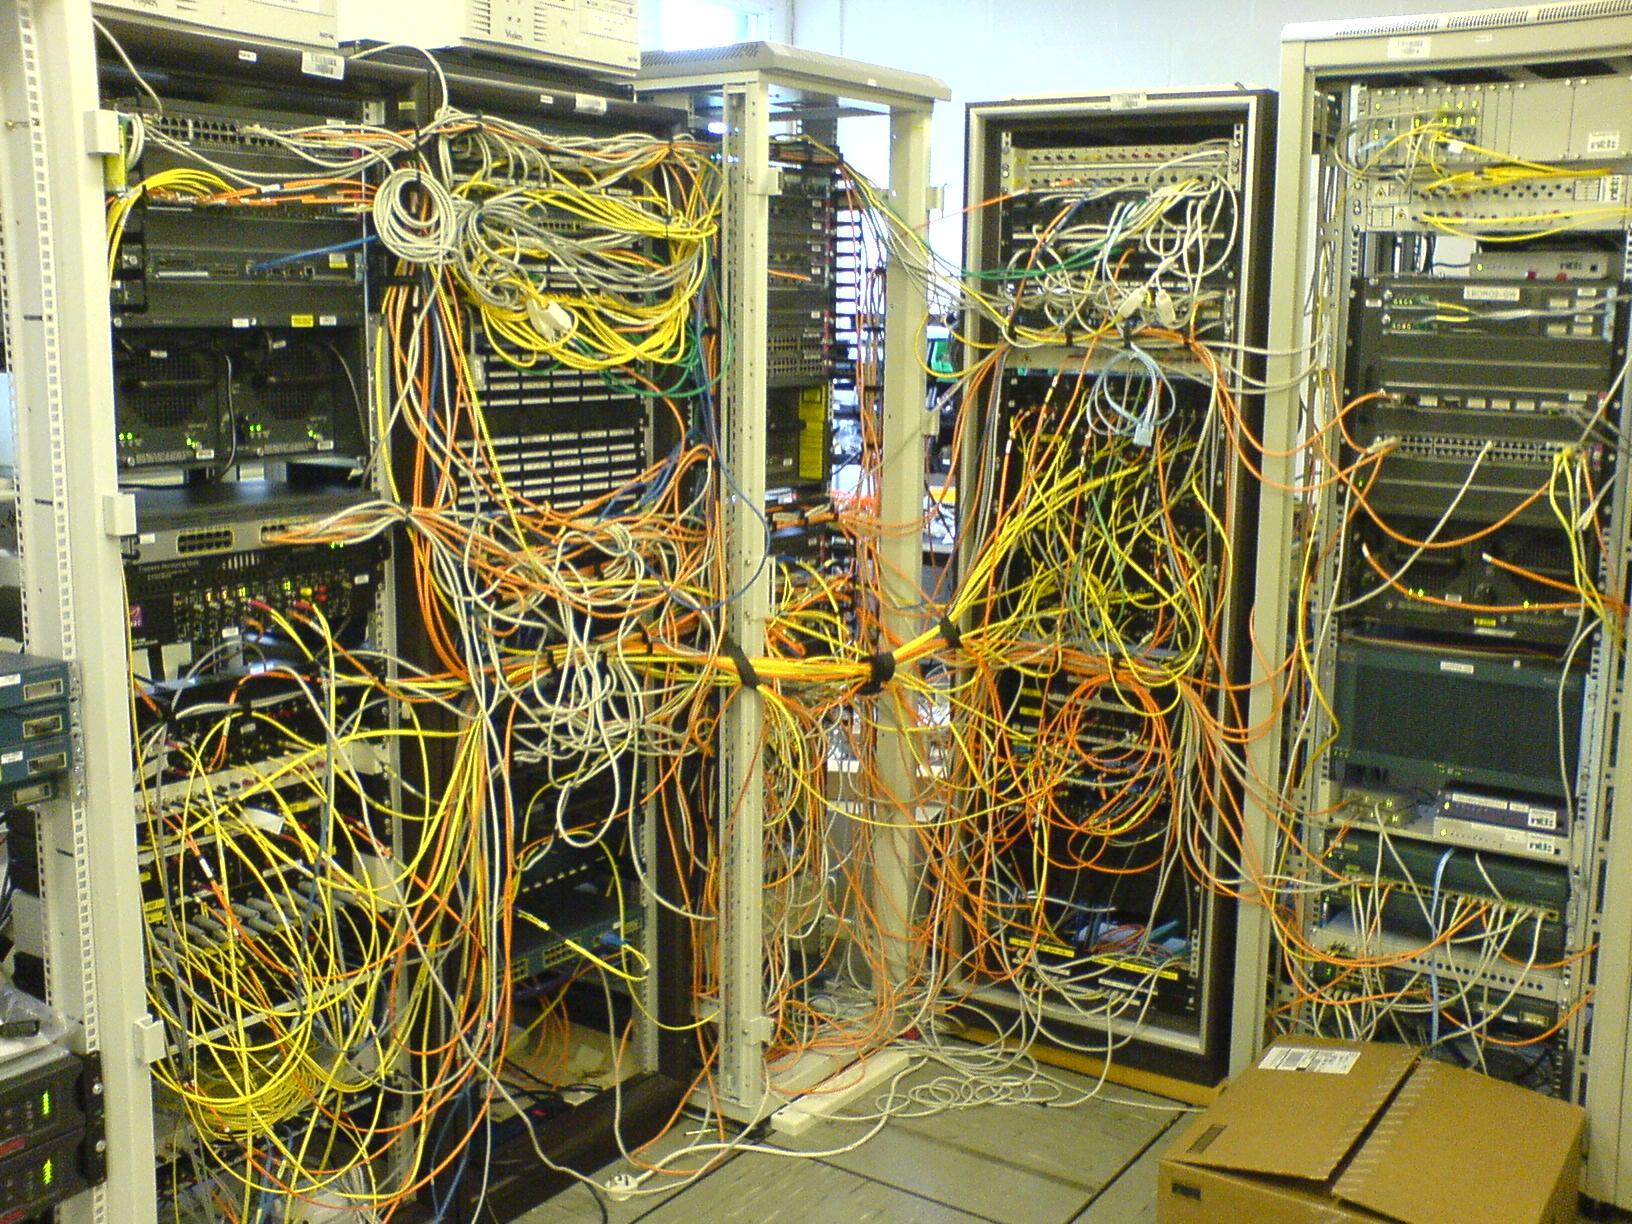 hight resolution of server room jpg